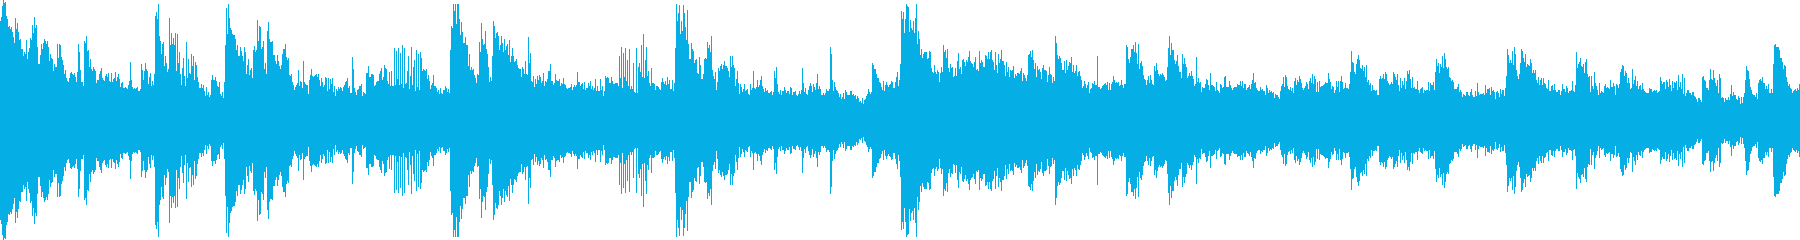 廃墟をイメージした無機質なピアノBGMの再生済みの波形